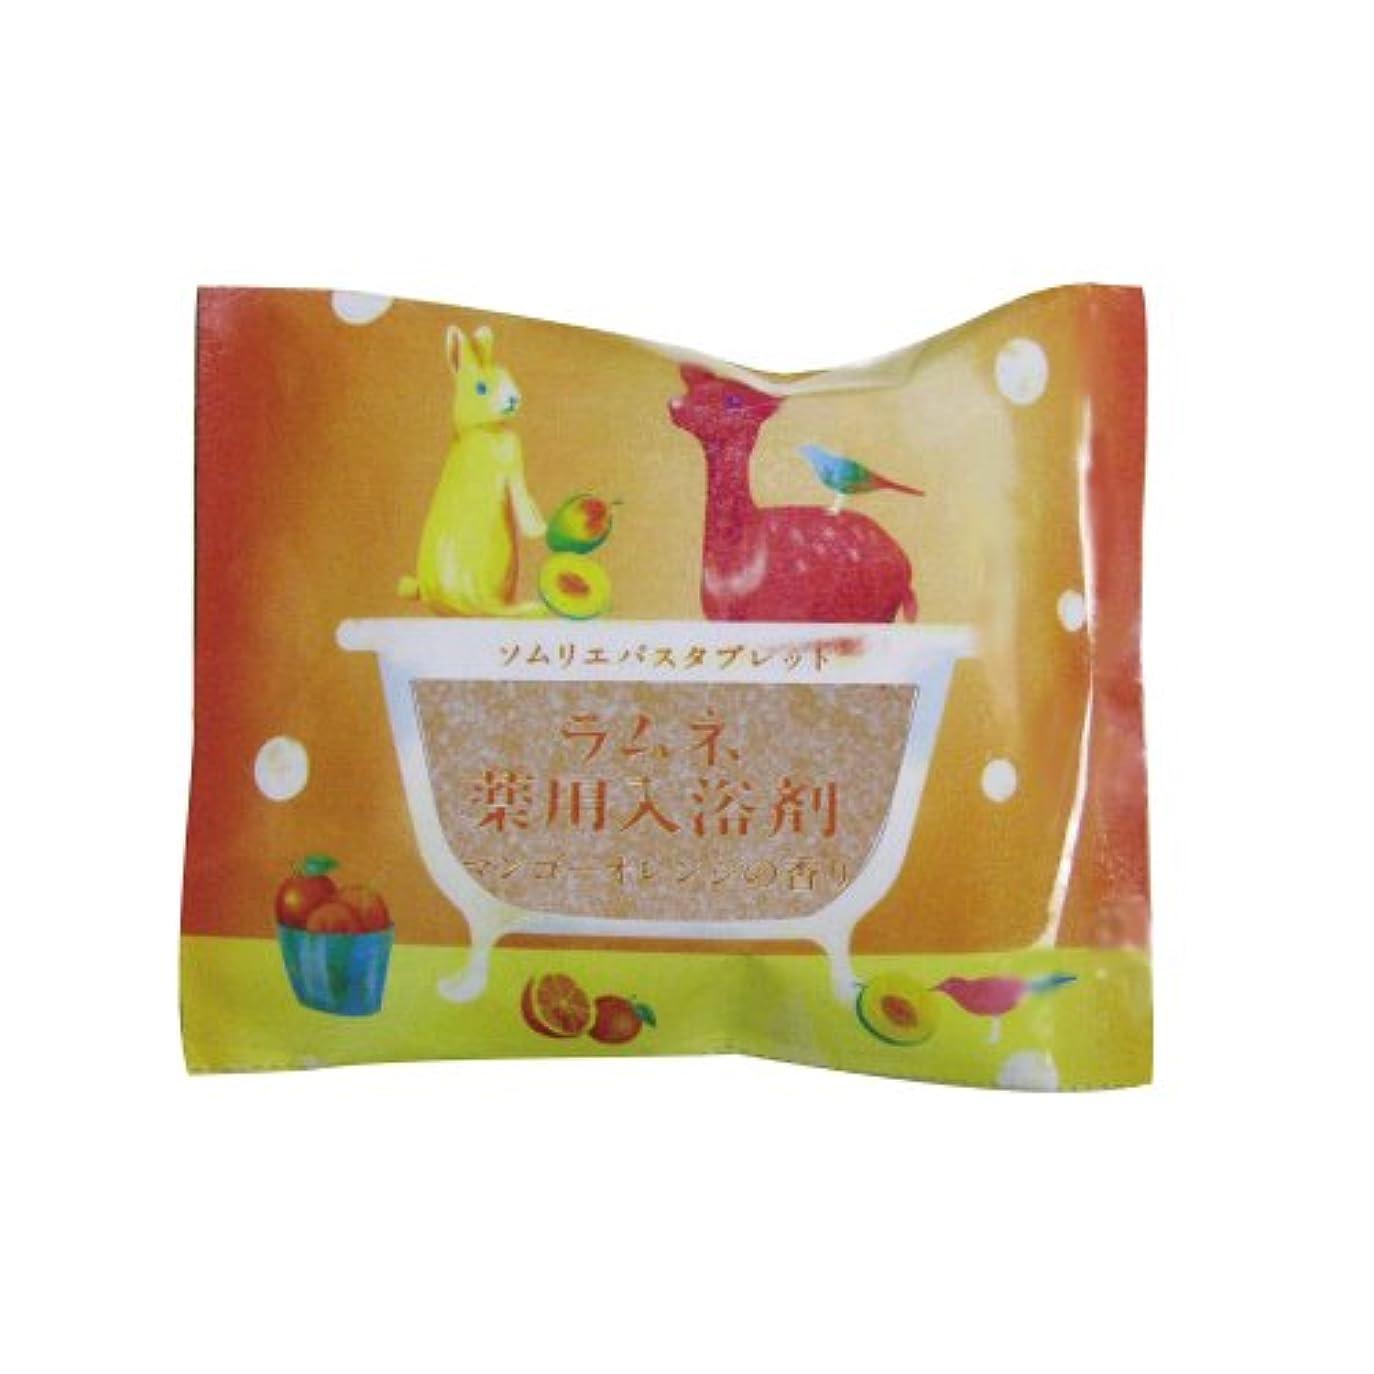 気付くバンジョー悲劇的なソムリエバスタブレット ラムネ薬用入浴剤 マンゴーオレンジの香り 12個セット